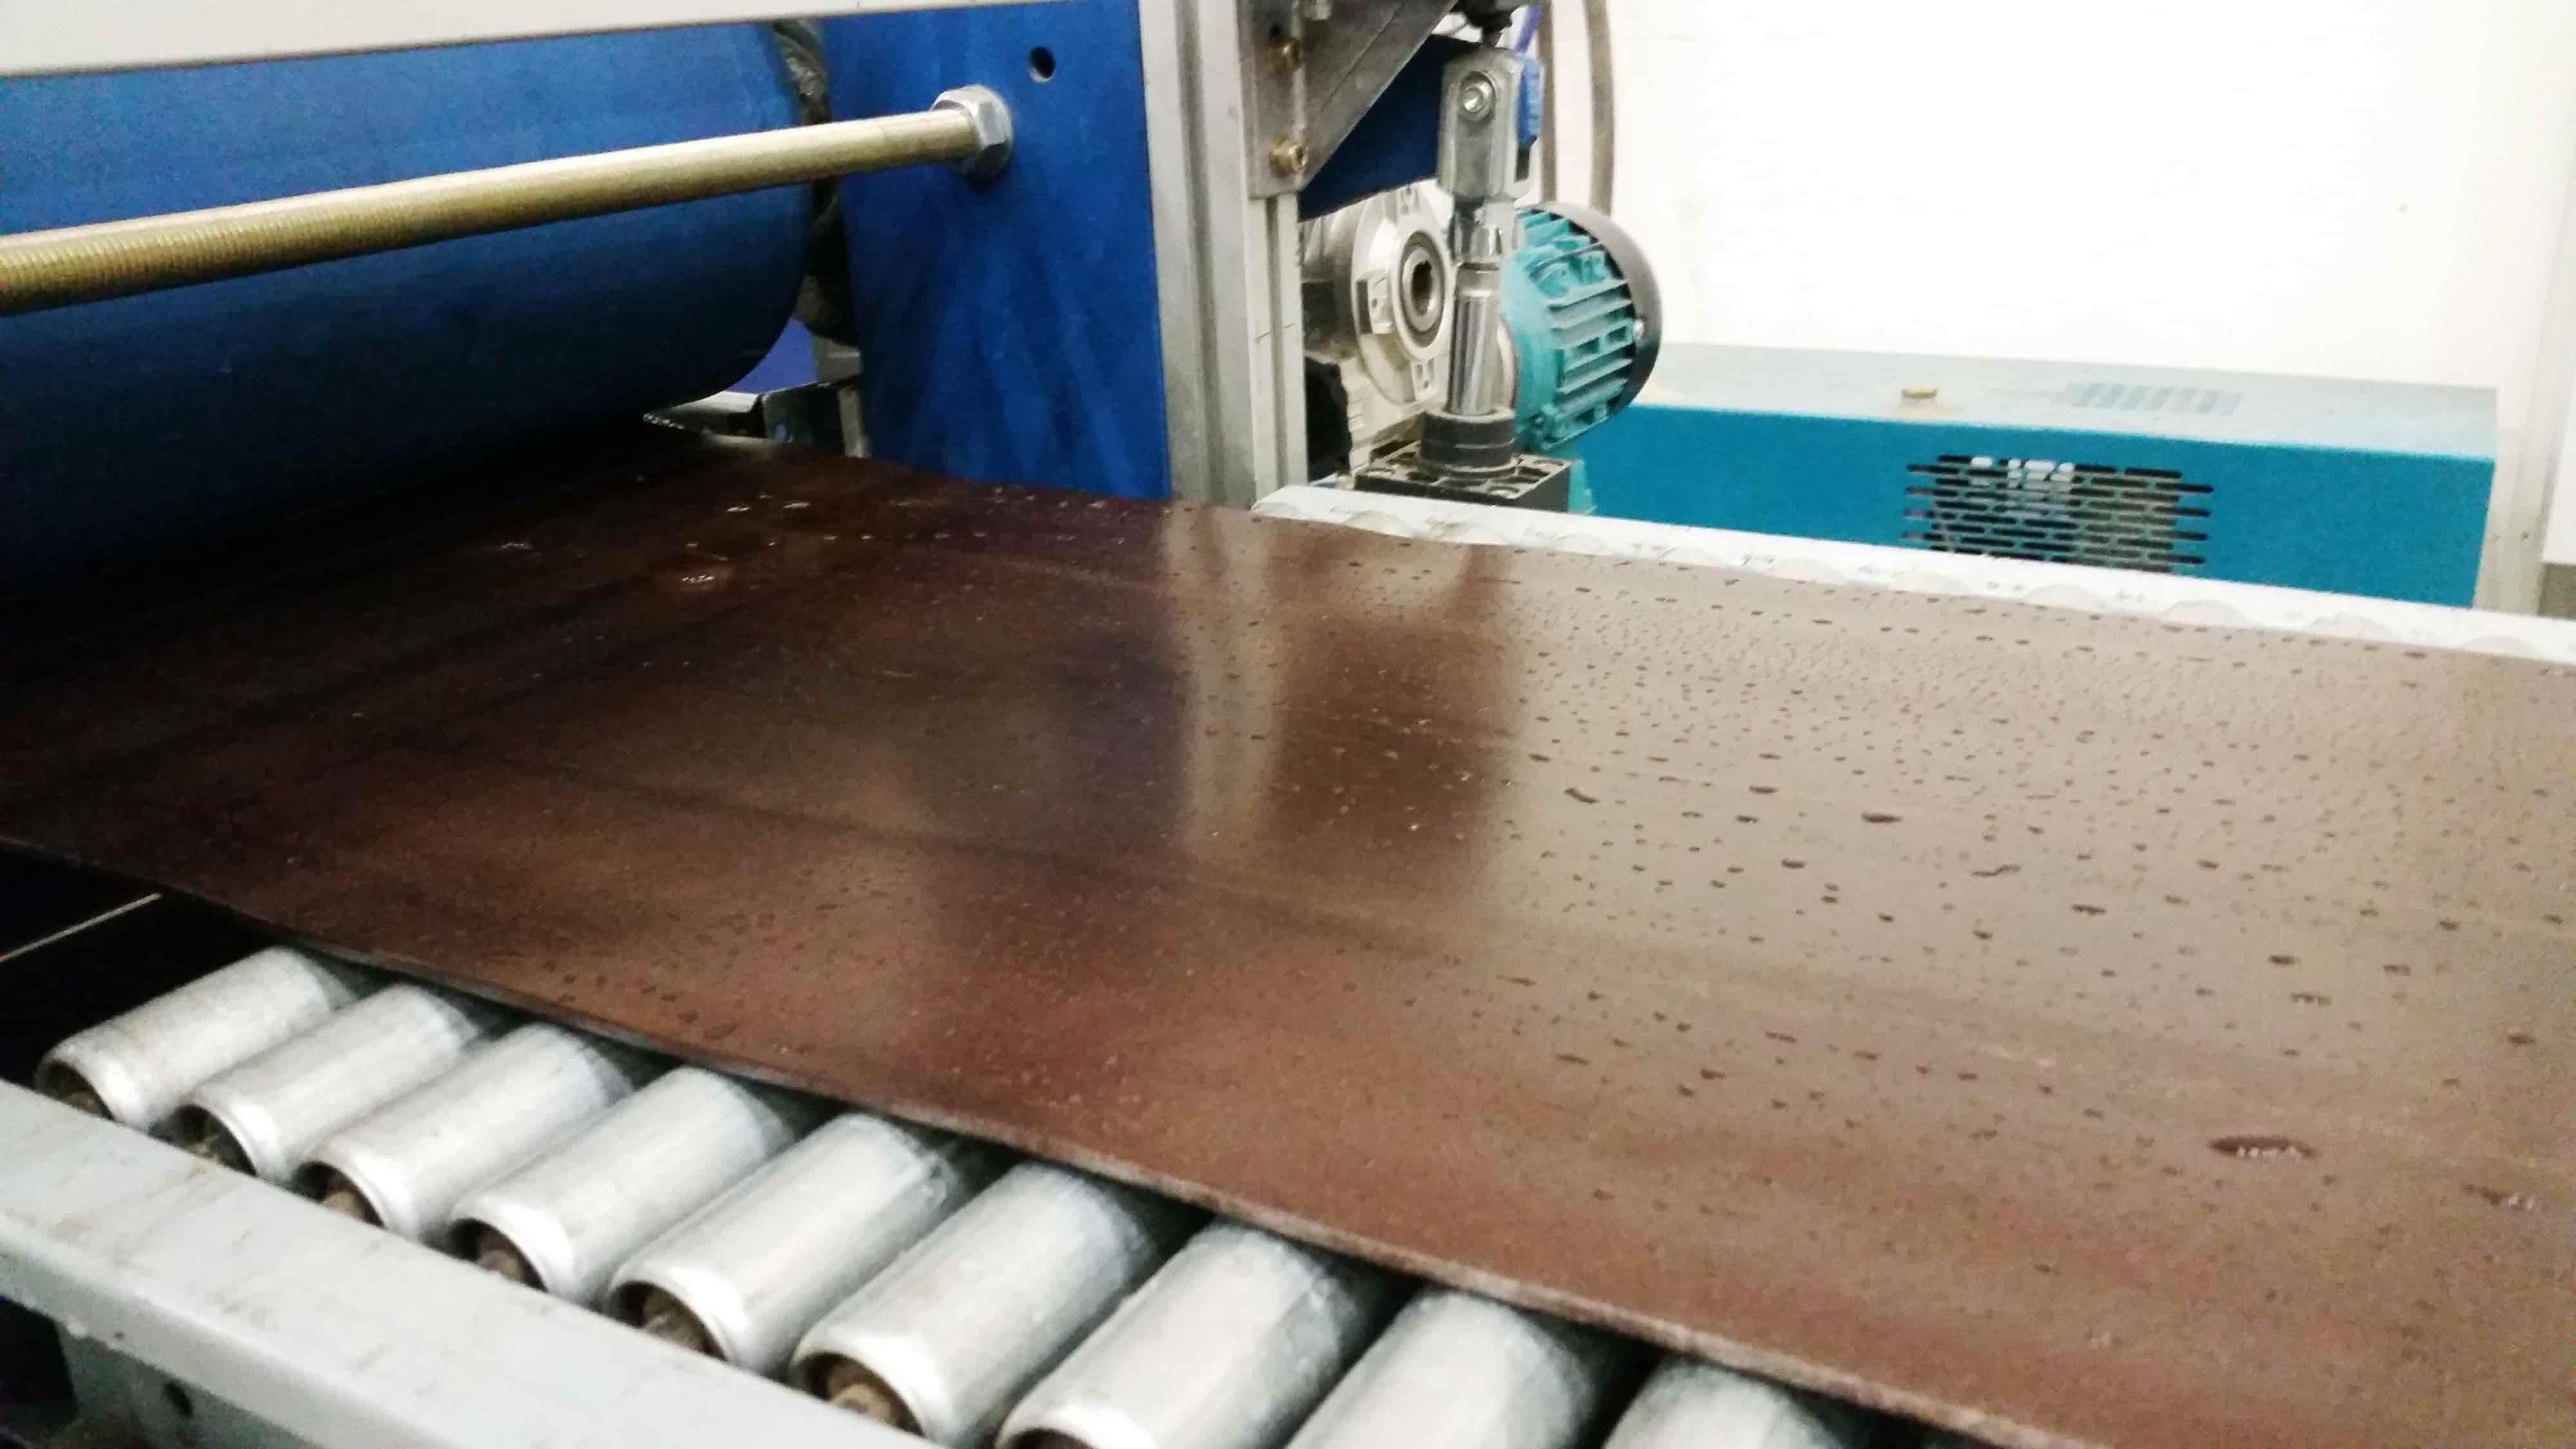 Conenor extruded composite panel